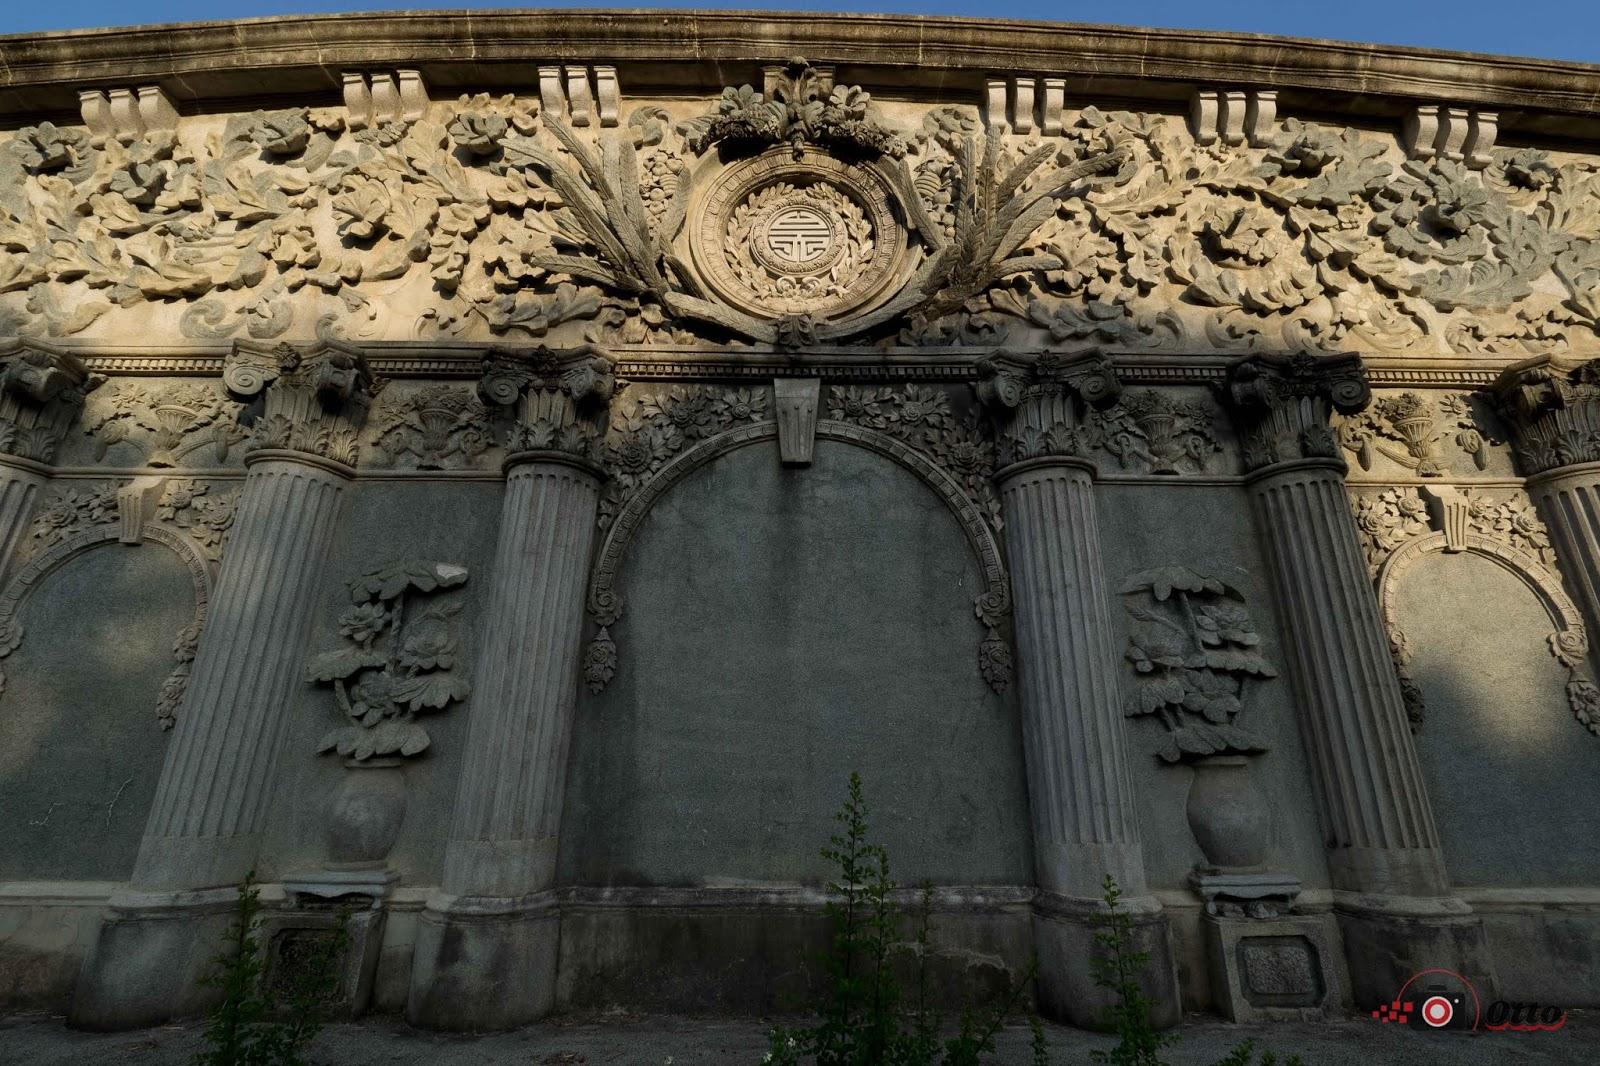 吳鸞旂墓園*文藝復興風格 | Otto blog 奧圖筆記本